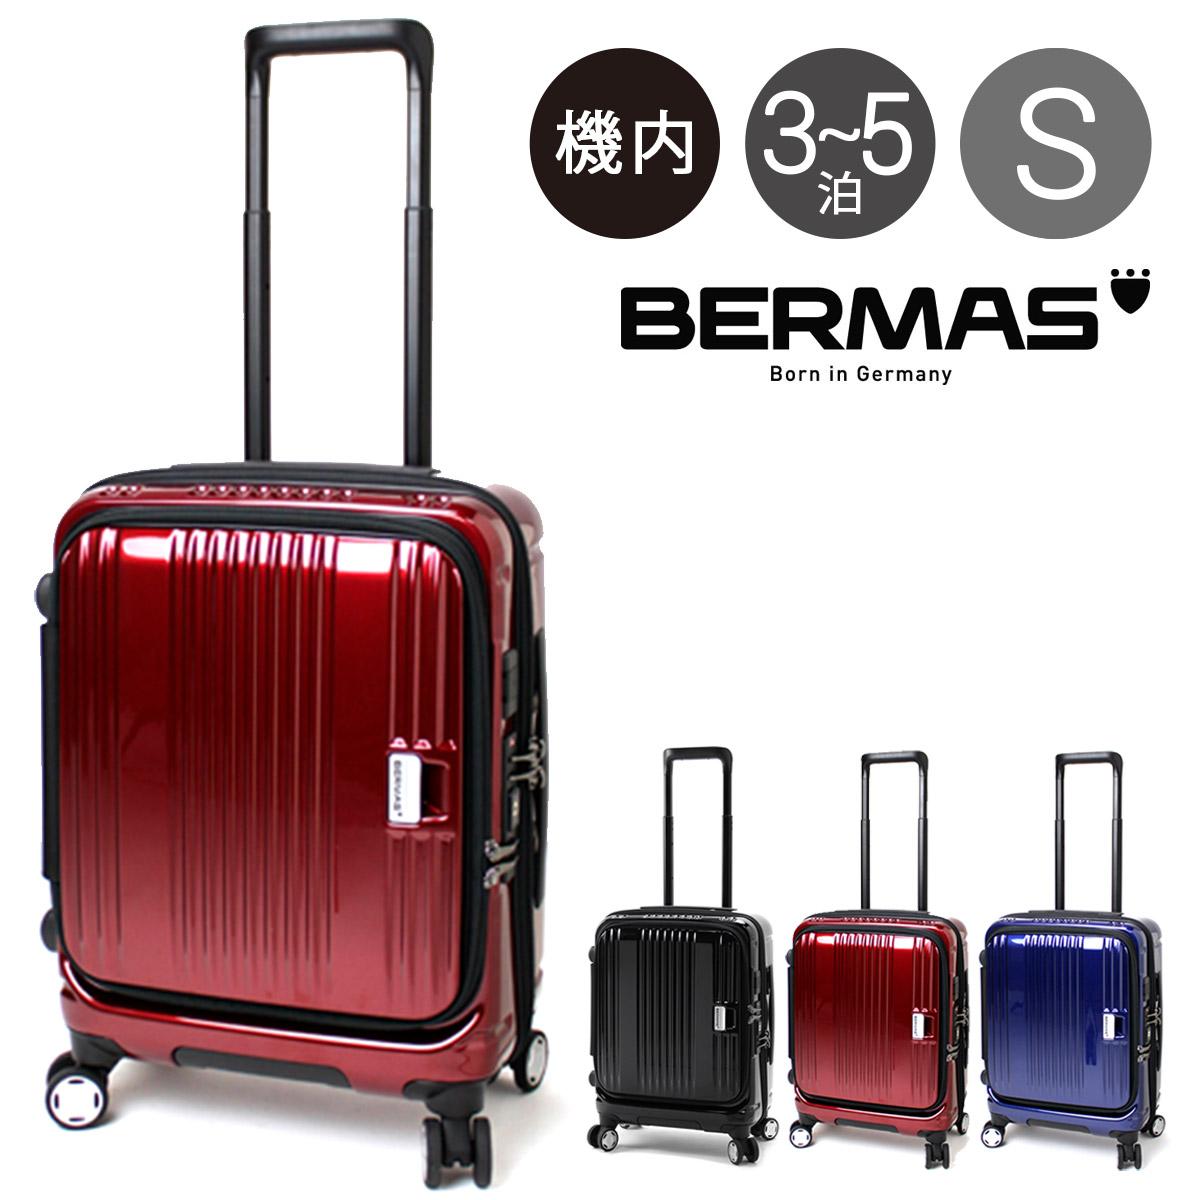 バーマス スーツケース ユーロシティ 機内持ち込み 38L 46cm 2.8kg 60290 フロントオープン 1年保証 ハード フレーム TSAロック搭載 HINOMOTO キャリーケース ビジネスキャリー [PO10][bef]